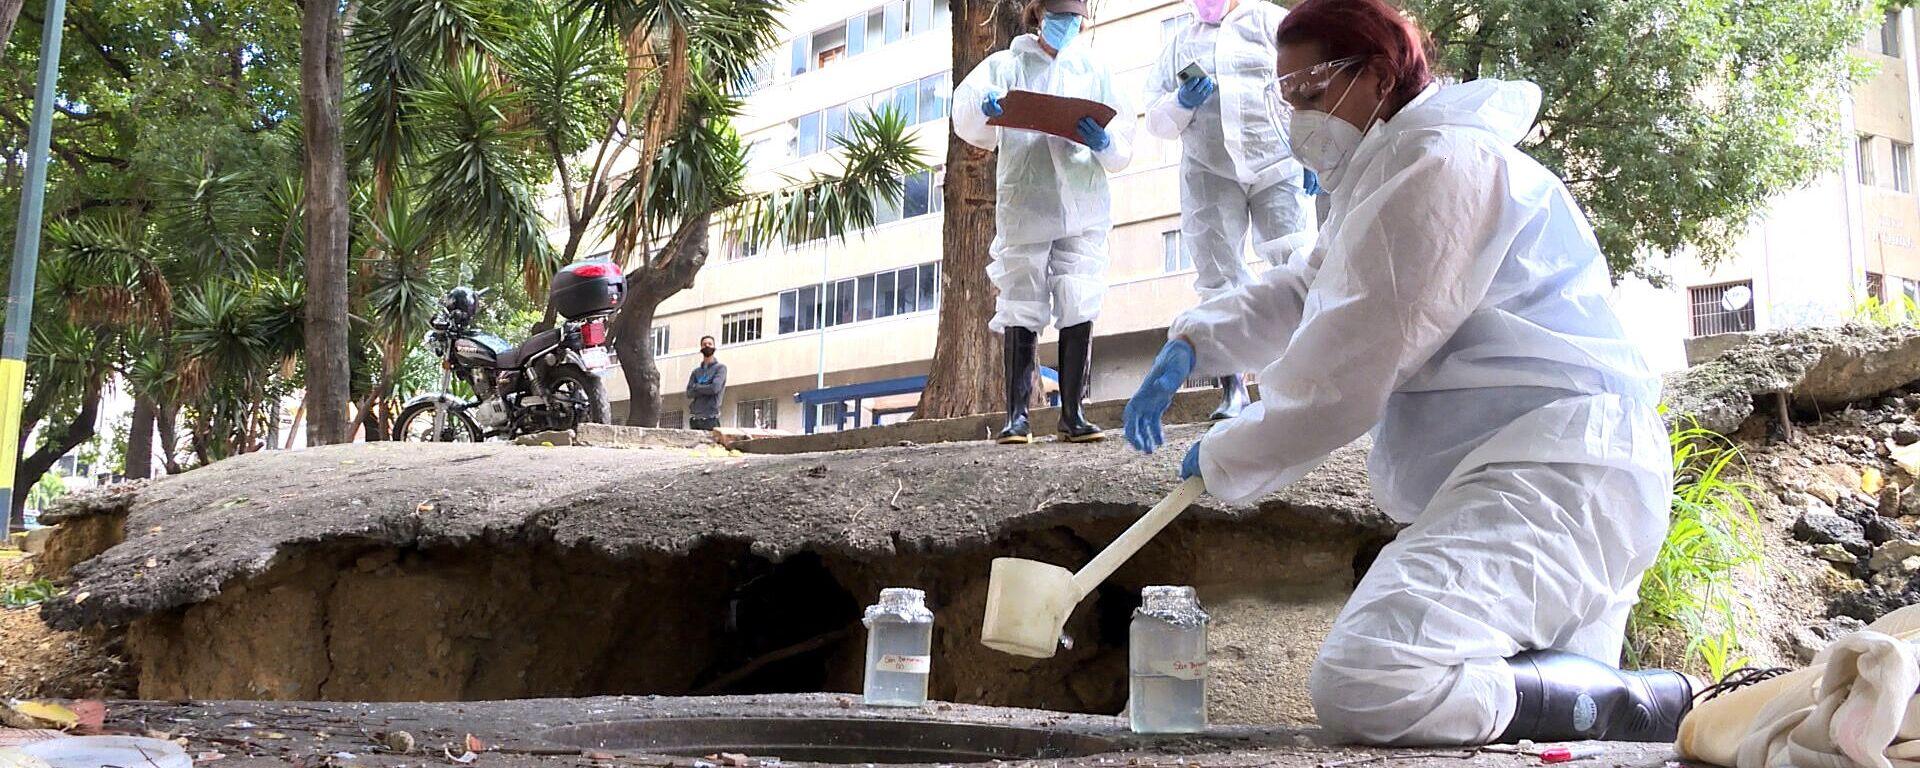 Investigadoras venezolanas monitorean una alcantarilla en Caracas durante el inicio del proyecto Detección de SARS-CoV-2 en aguas servidas - Sputnik Mundo, 1920, 15.09.2021